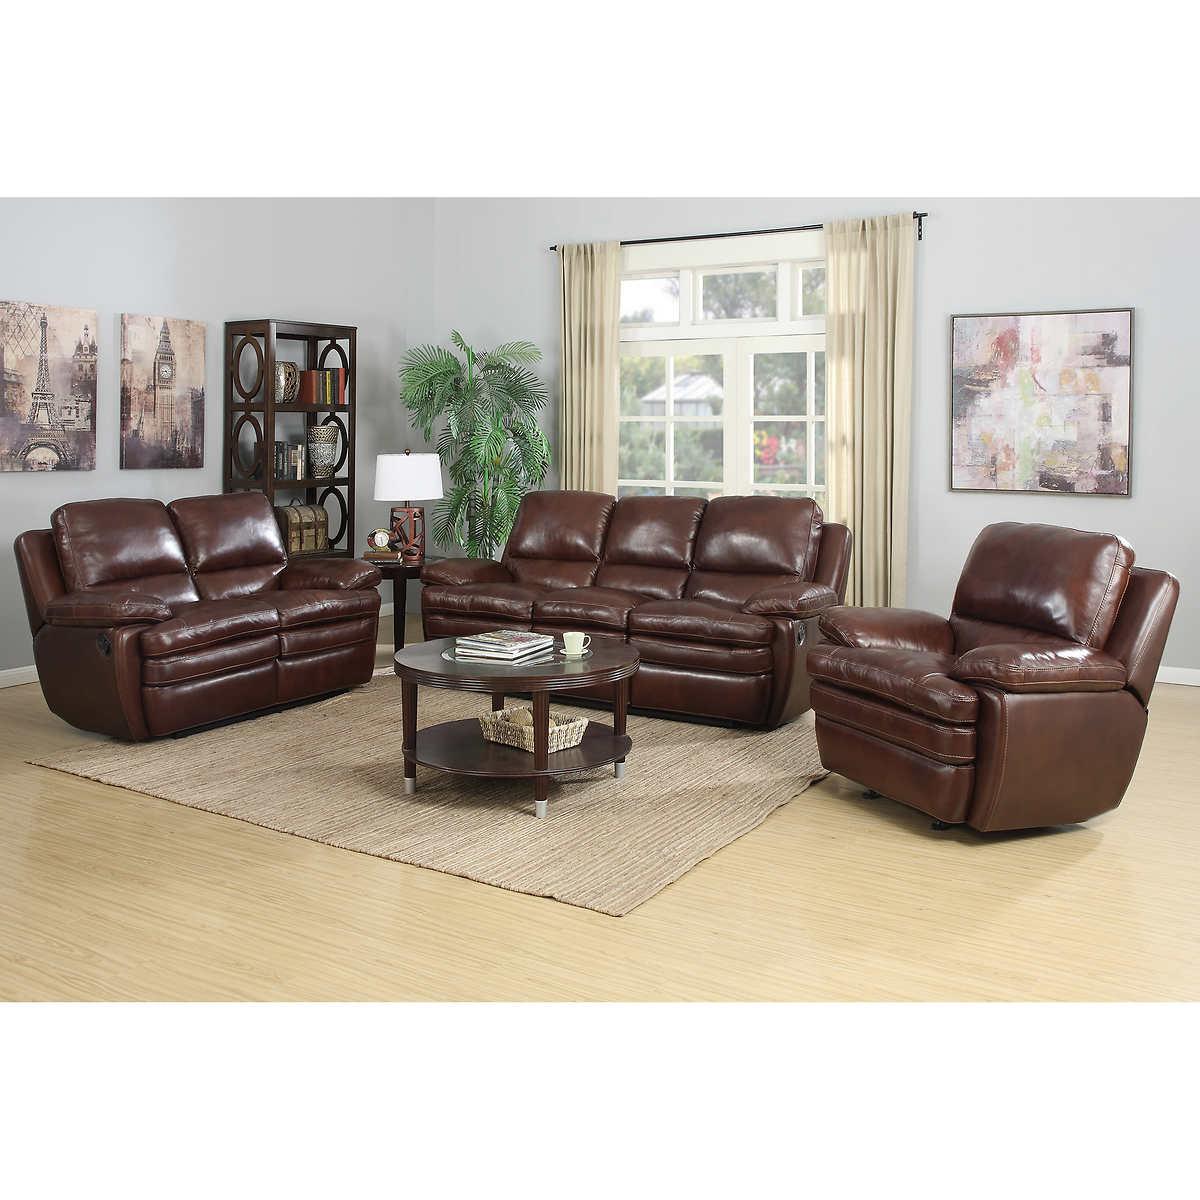 Recliner Living Room Sets Costco